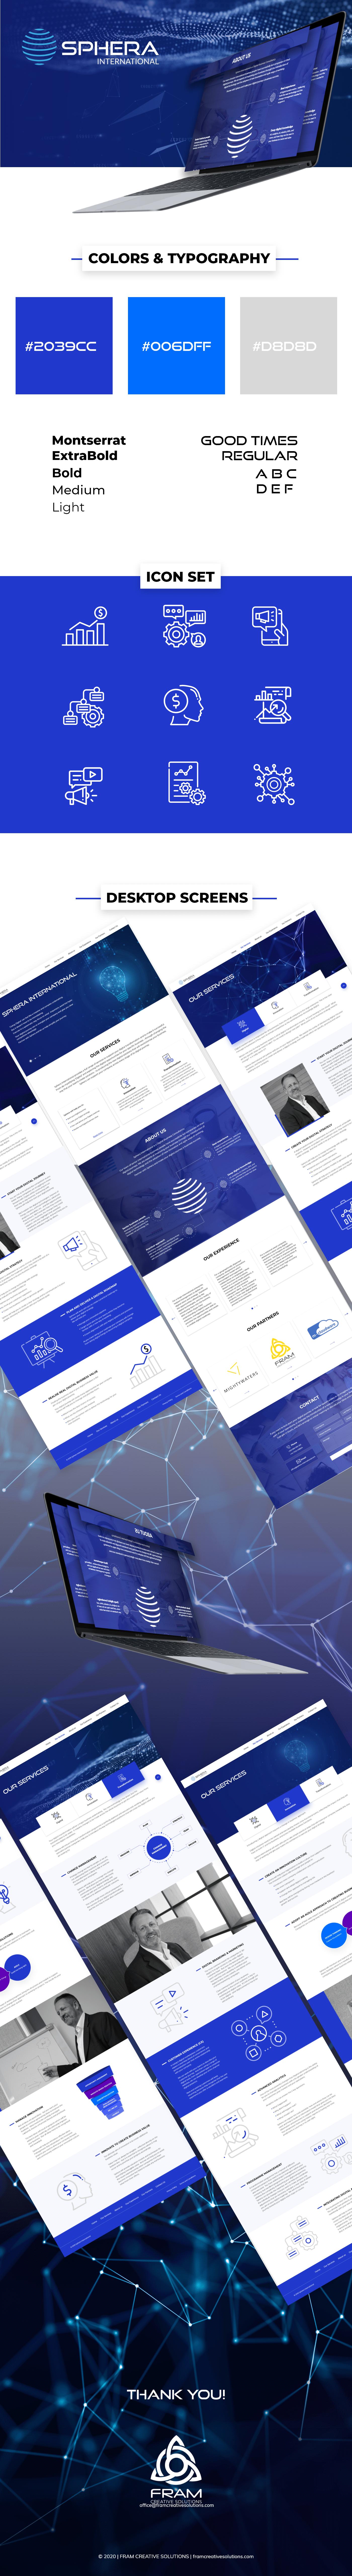 branding  design UI ux ux/ui Webdesign